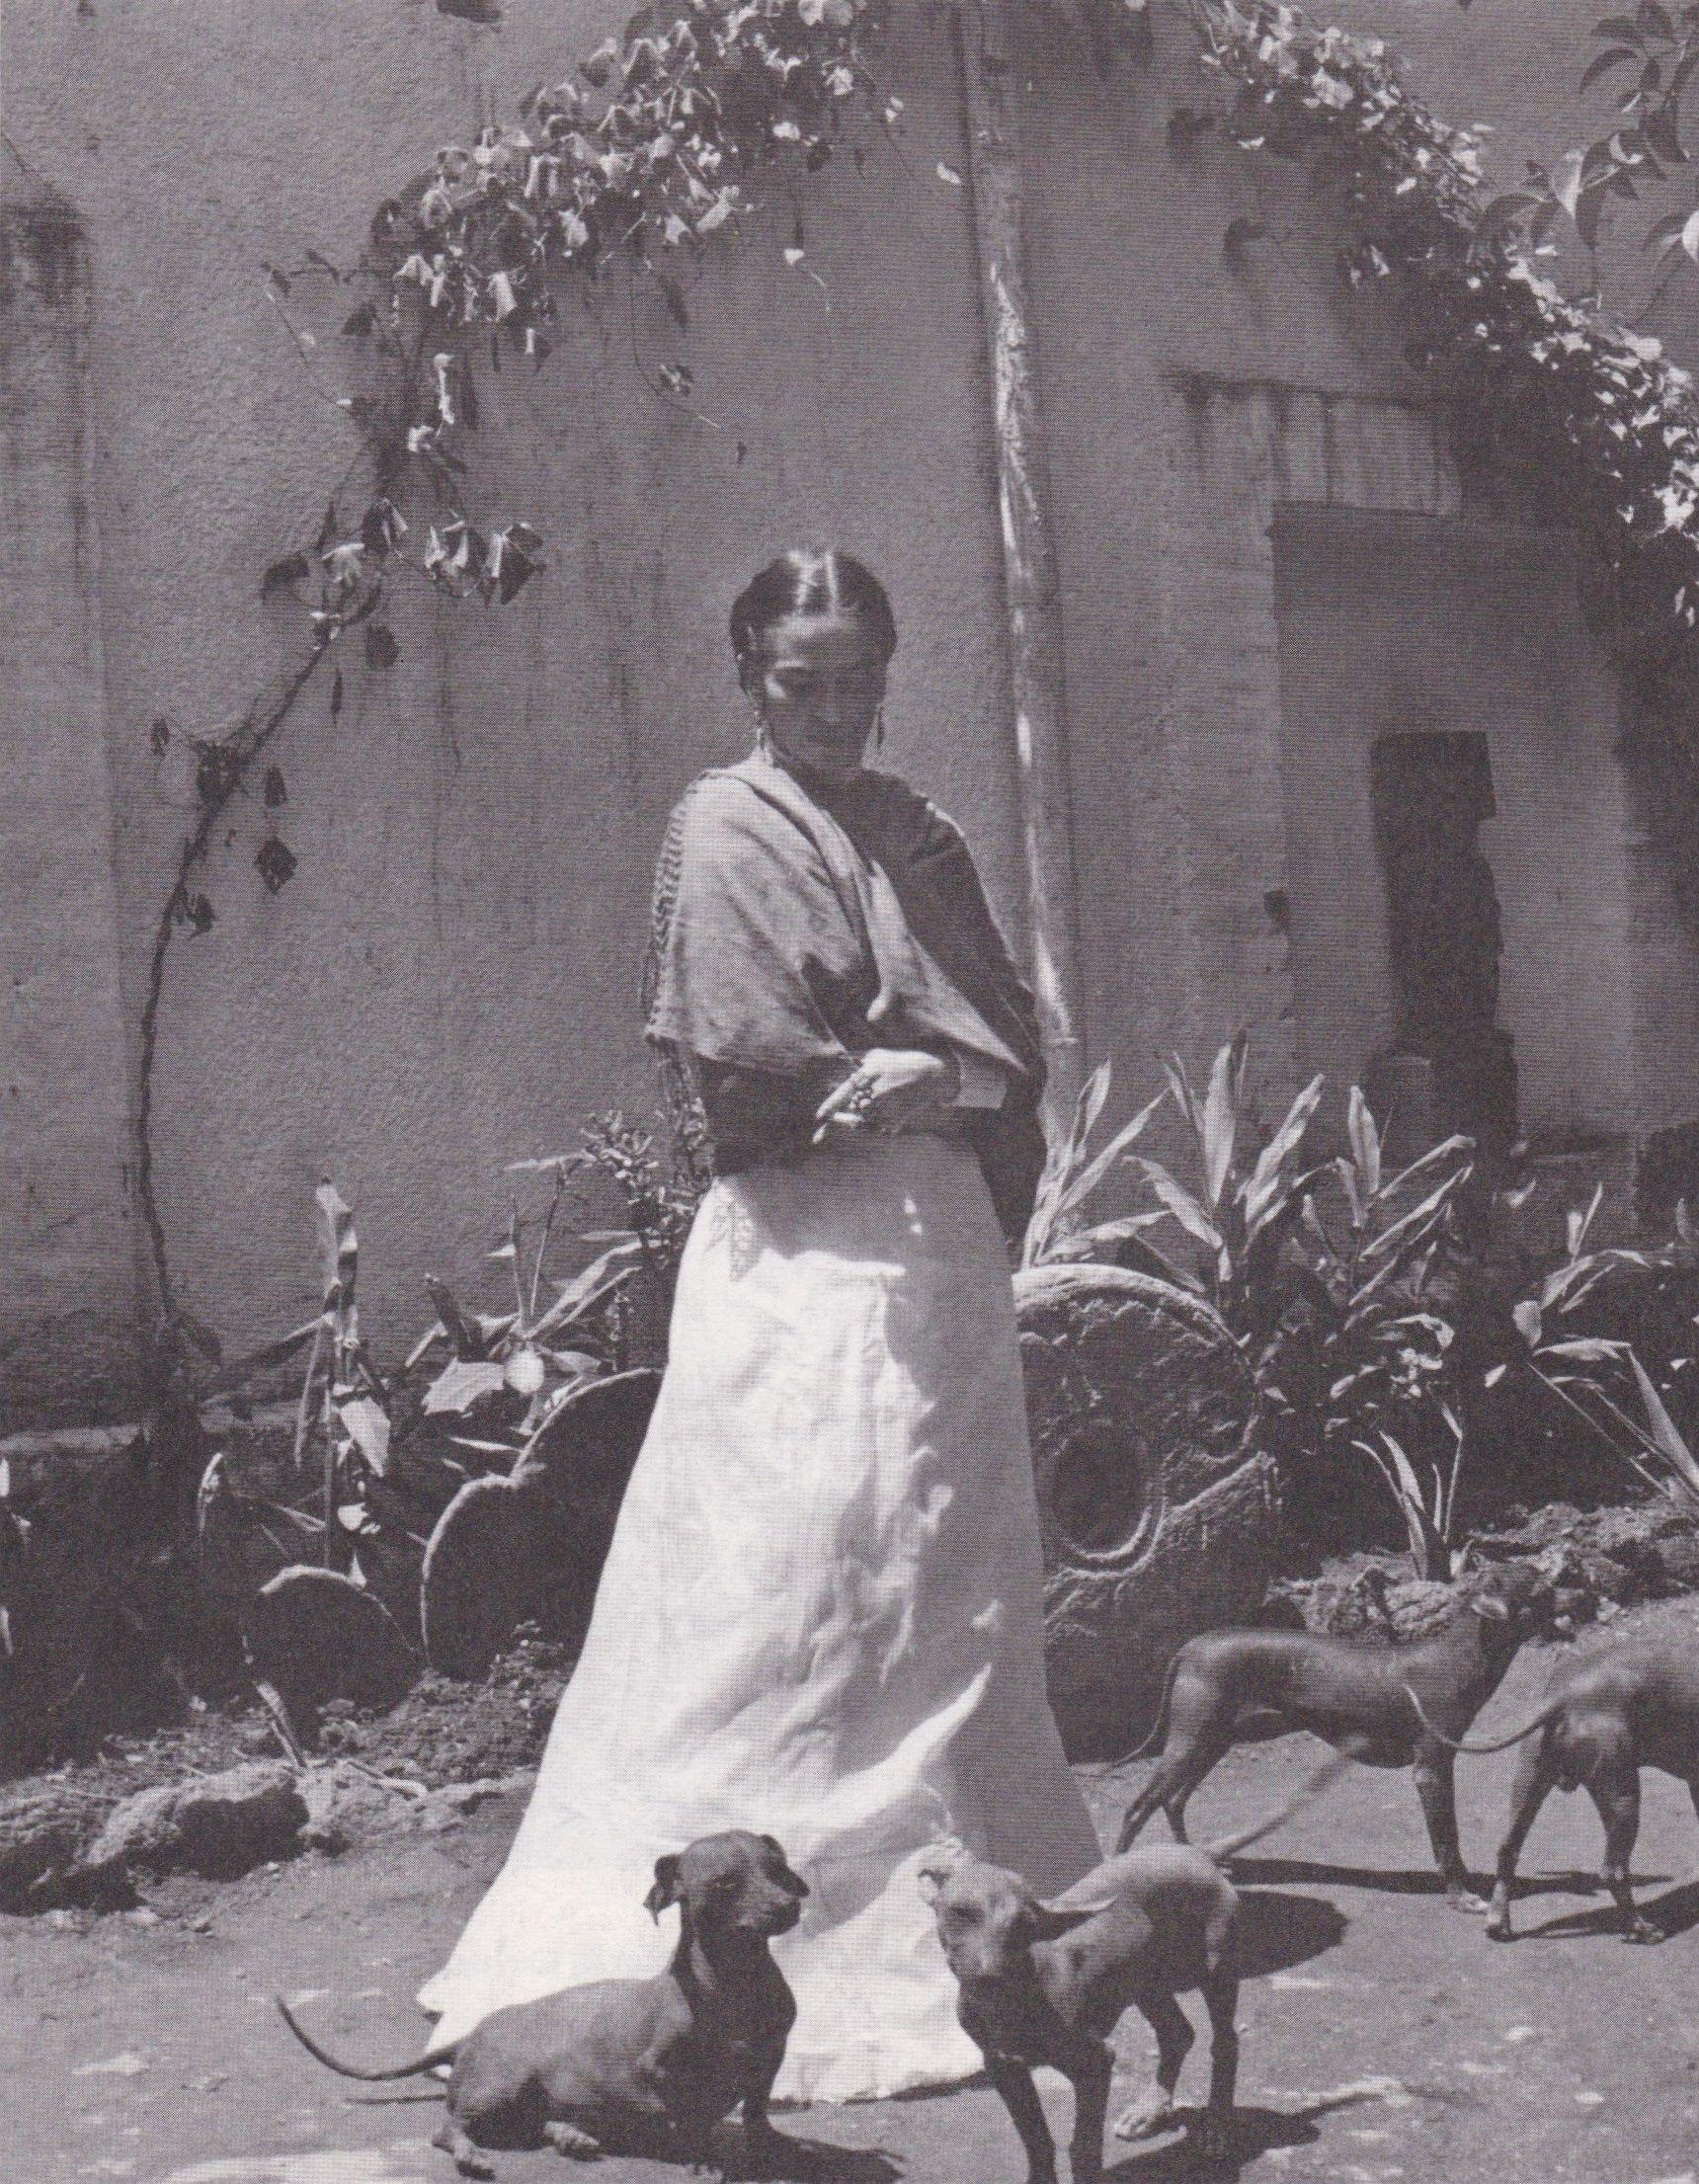 Gisèle Freund, Frida nel giardino di Casa Azul, Coyoacán, 1951